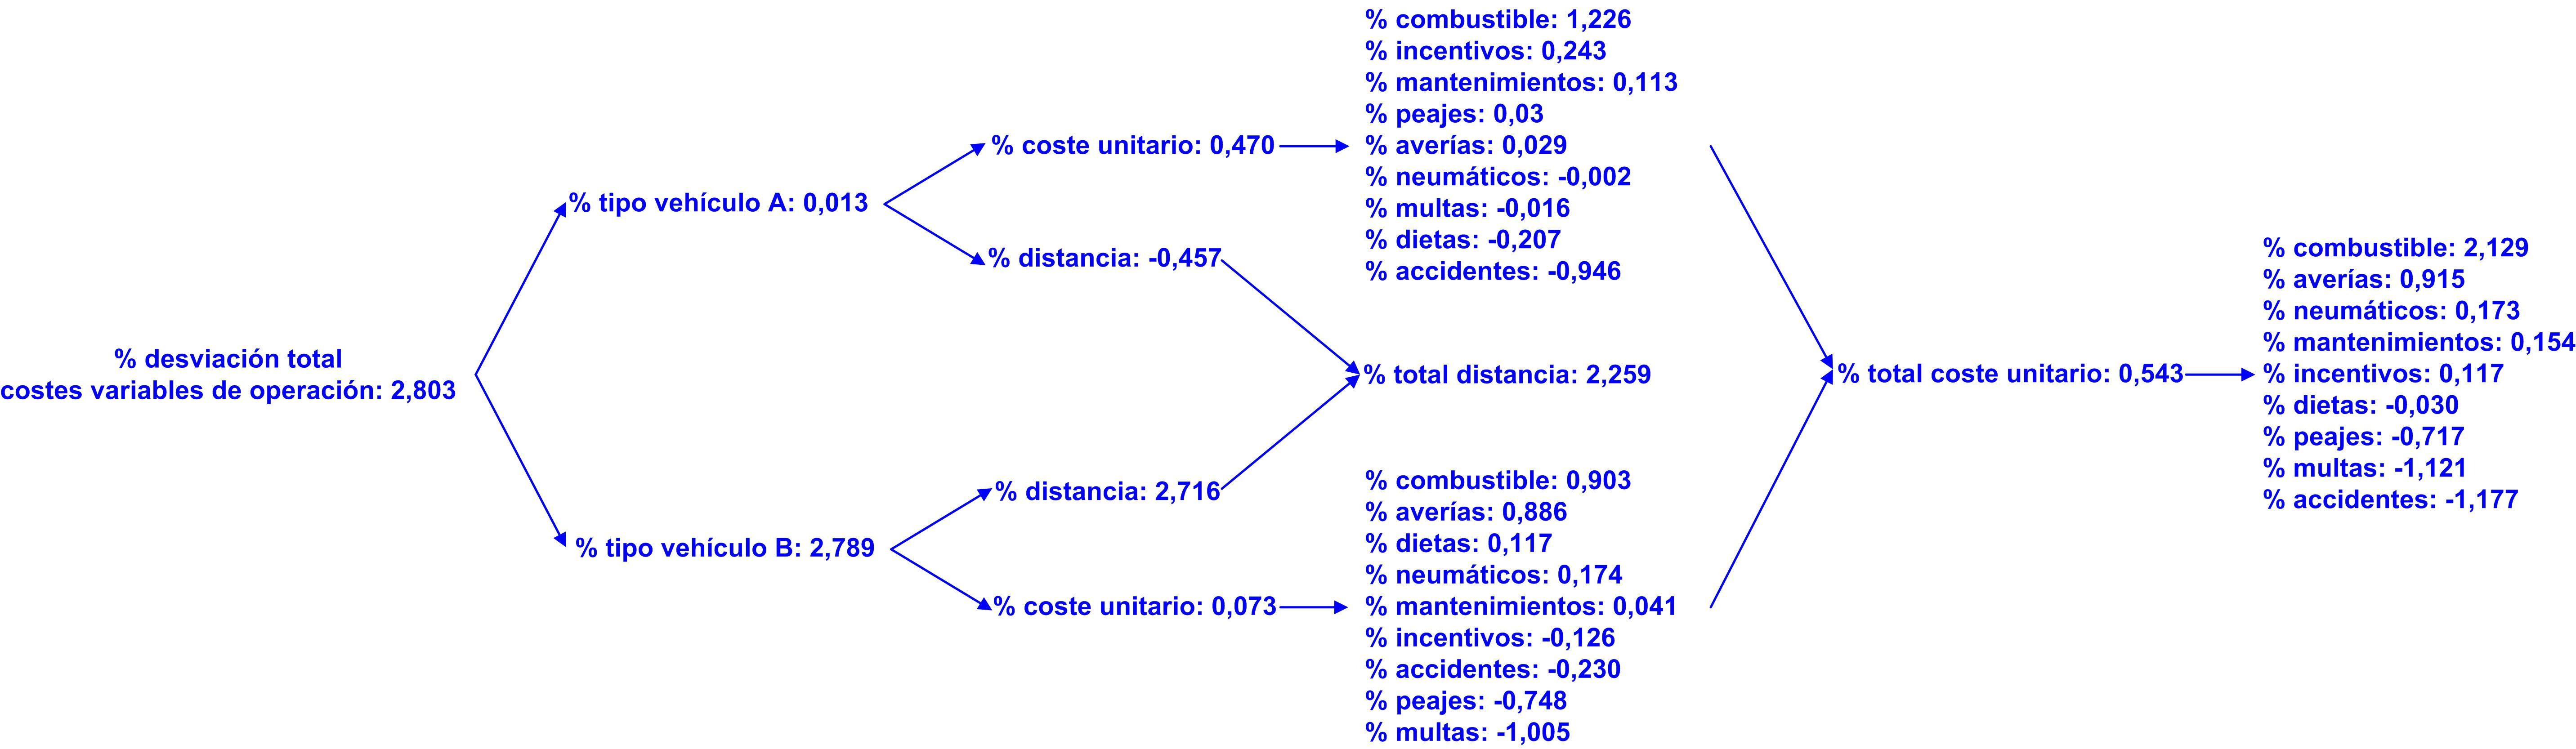 Gráfico 38 desviación total costes variables de operación en el corto plazo. 10122015 desviación periodo 2 corto plazo